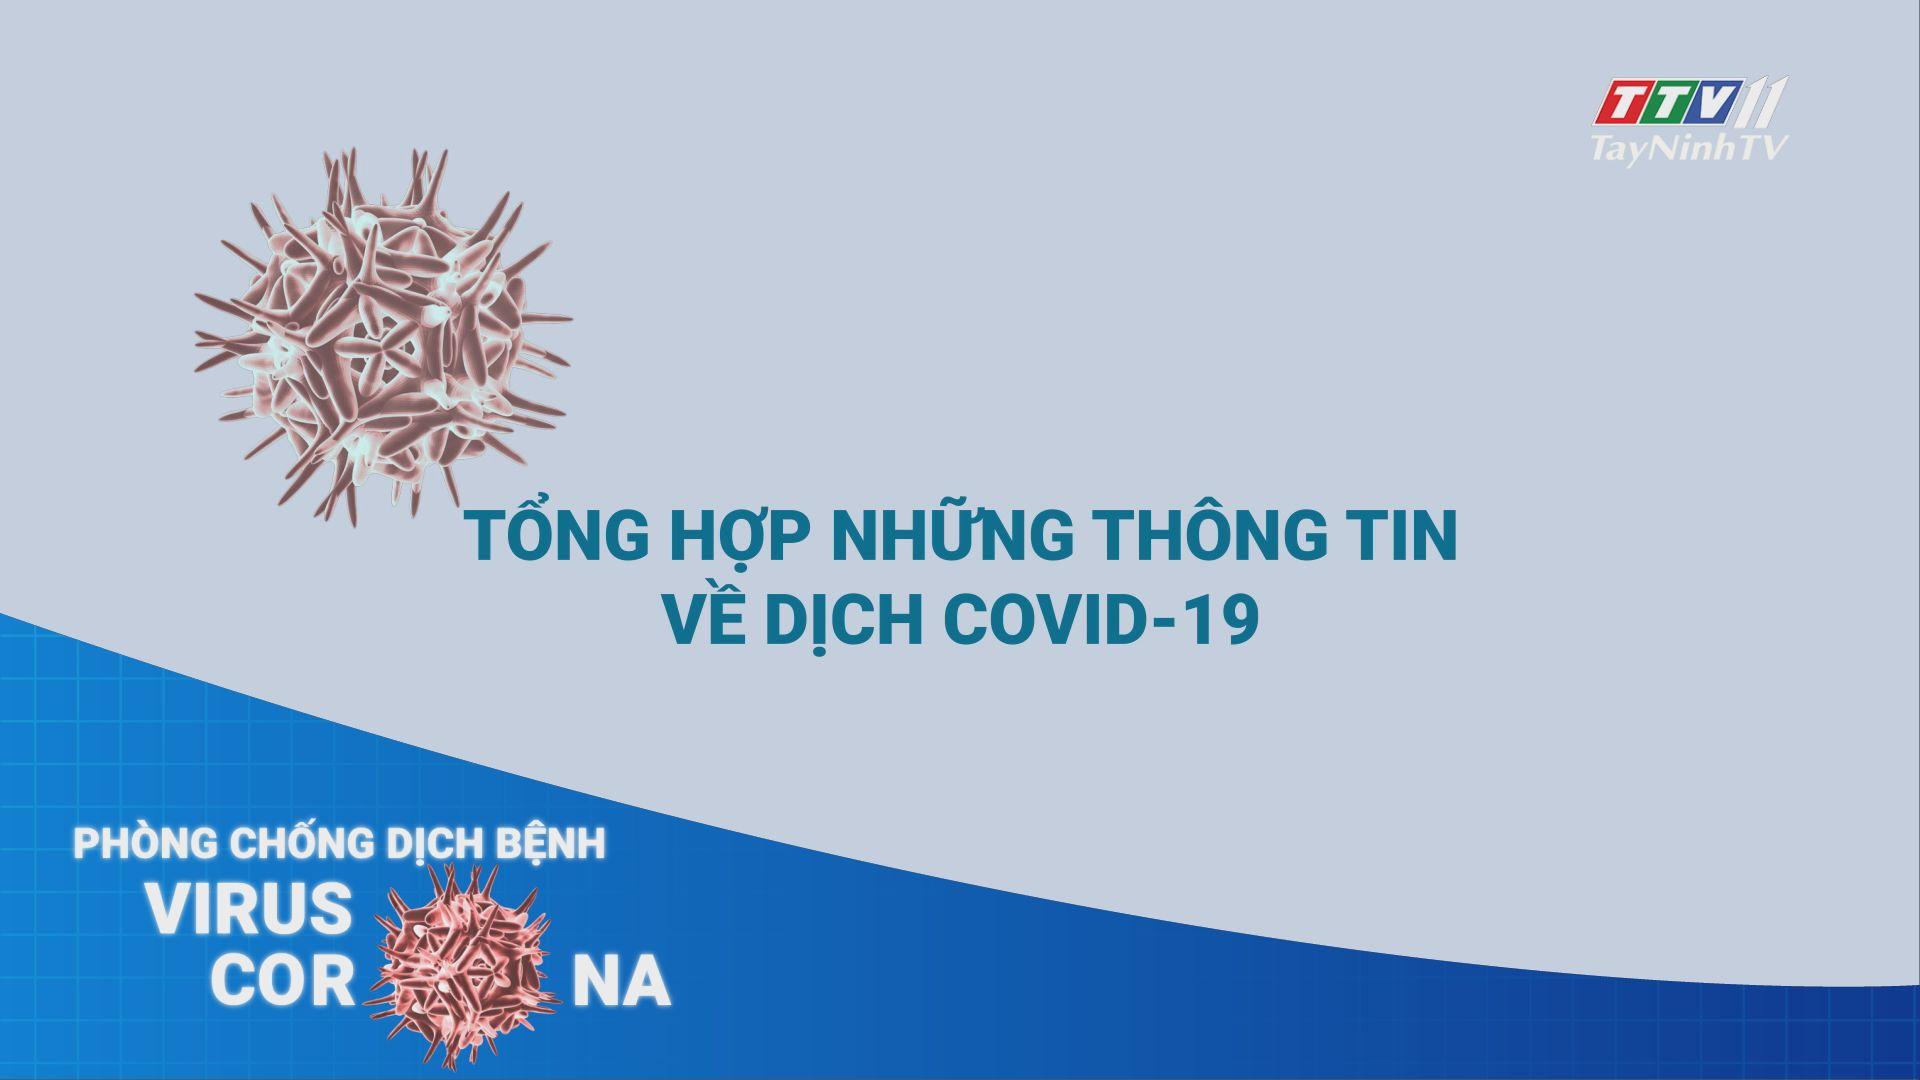 Tổng hợp những thông tin về dịch Covid-19 | THÔNG TIN DỊCH CÚM COVID-19 | TayNinhTV